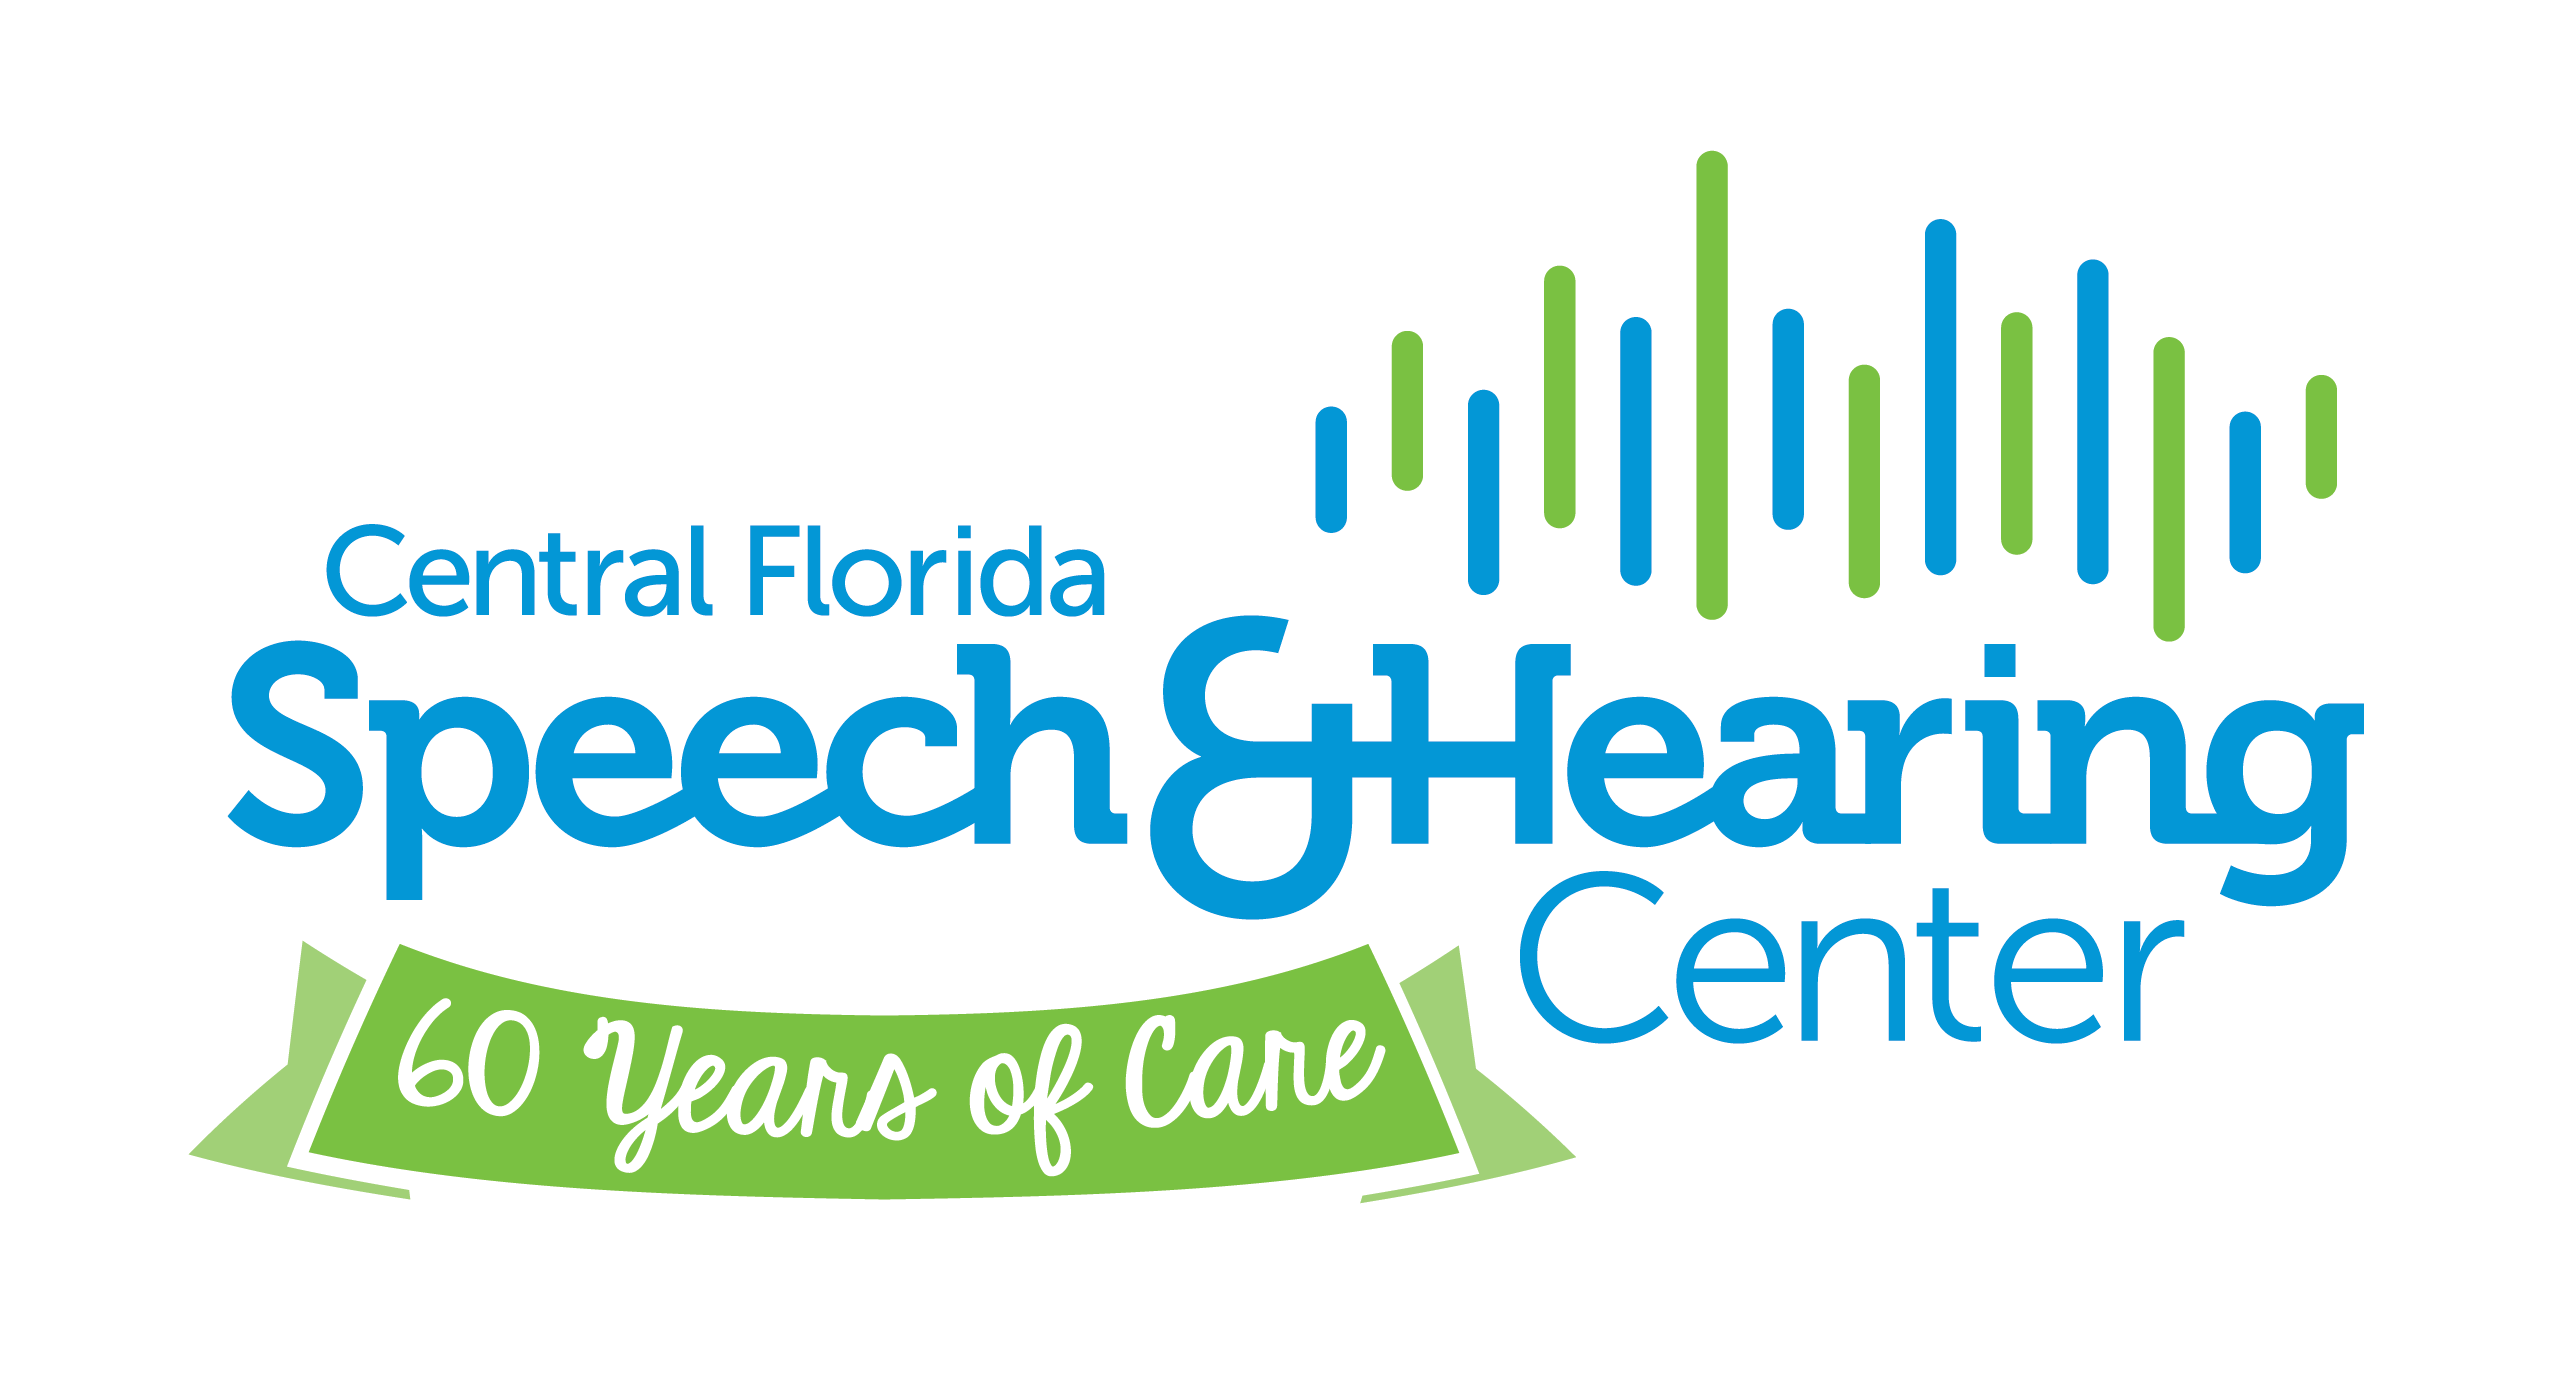 Central Florida Speech & Hearing Center